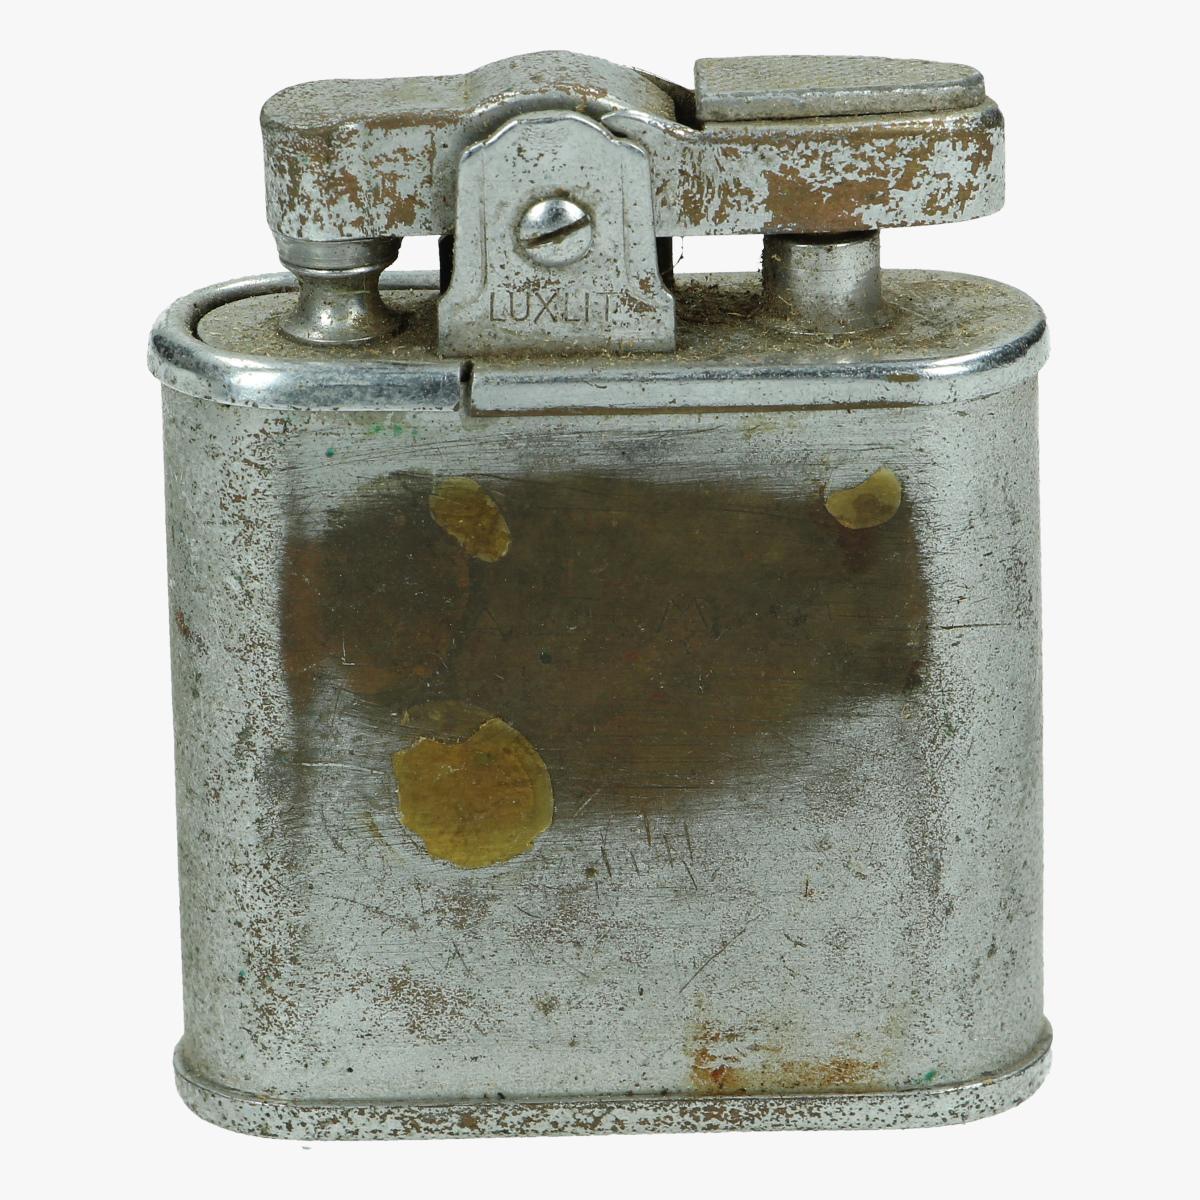 Afbeeldingen van oude aansteker luxit